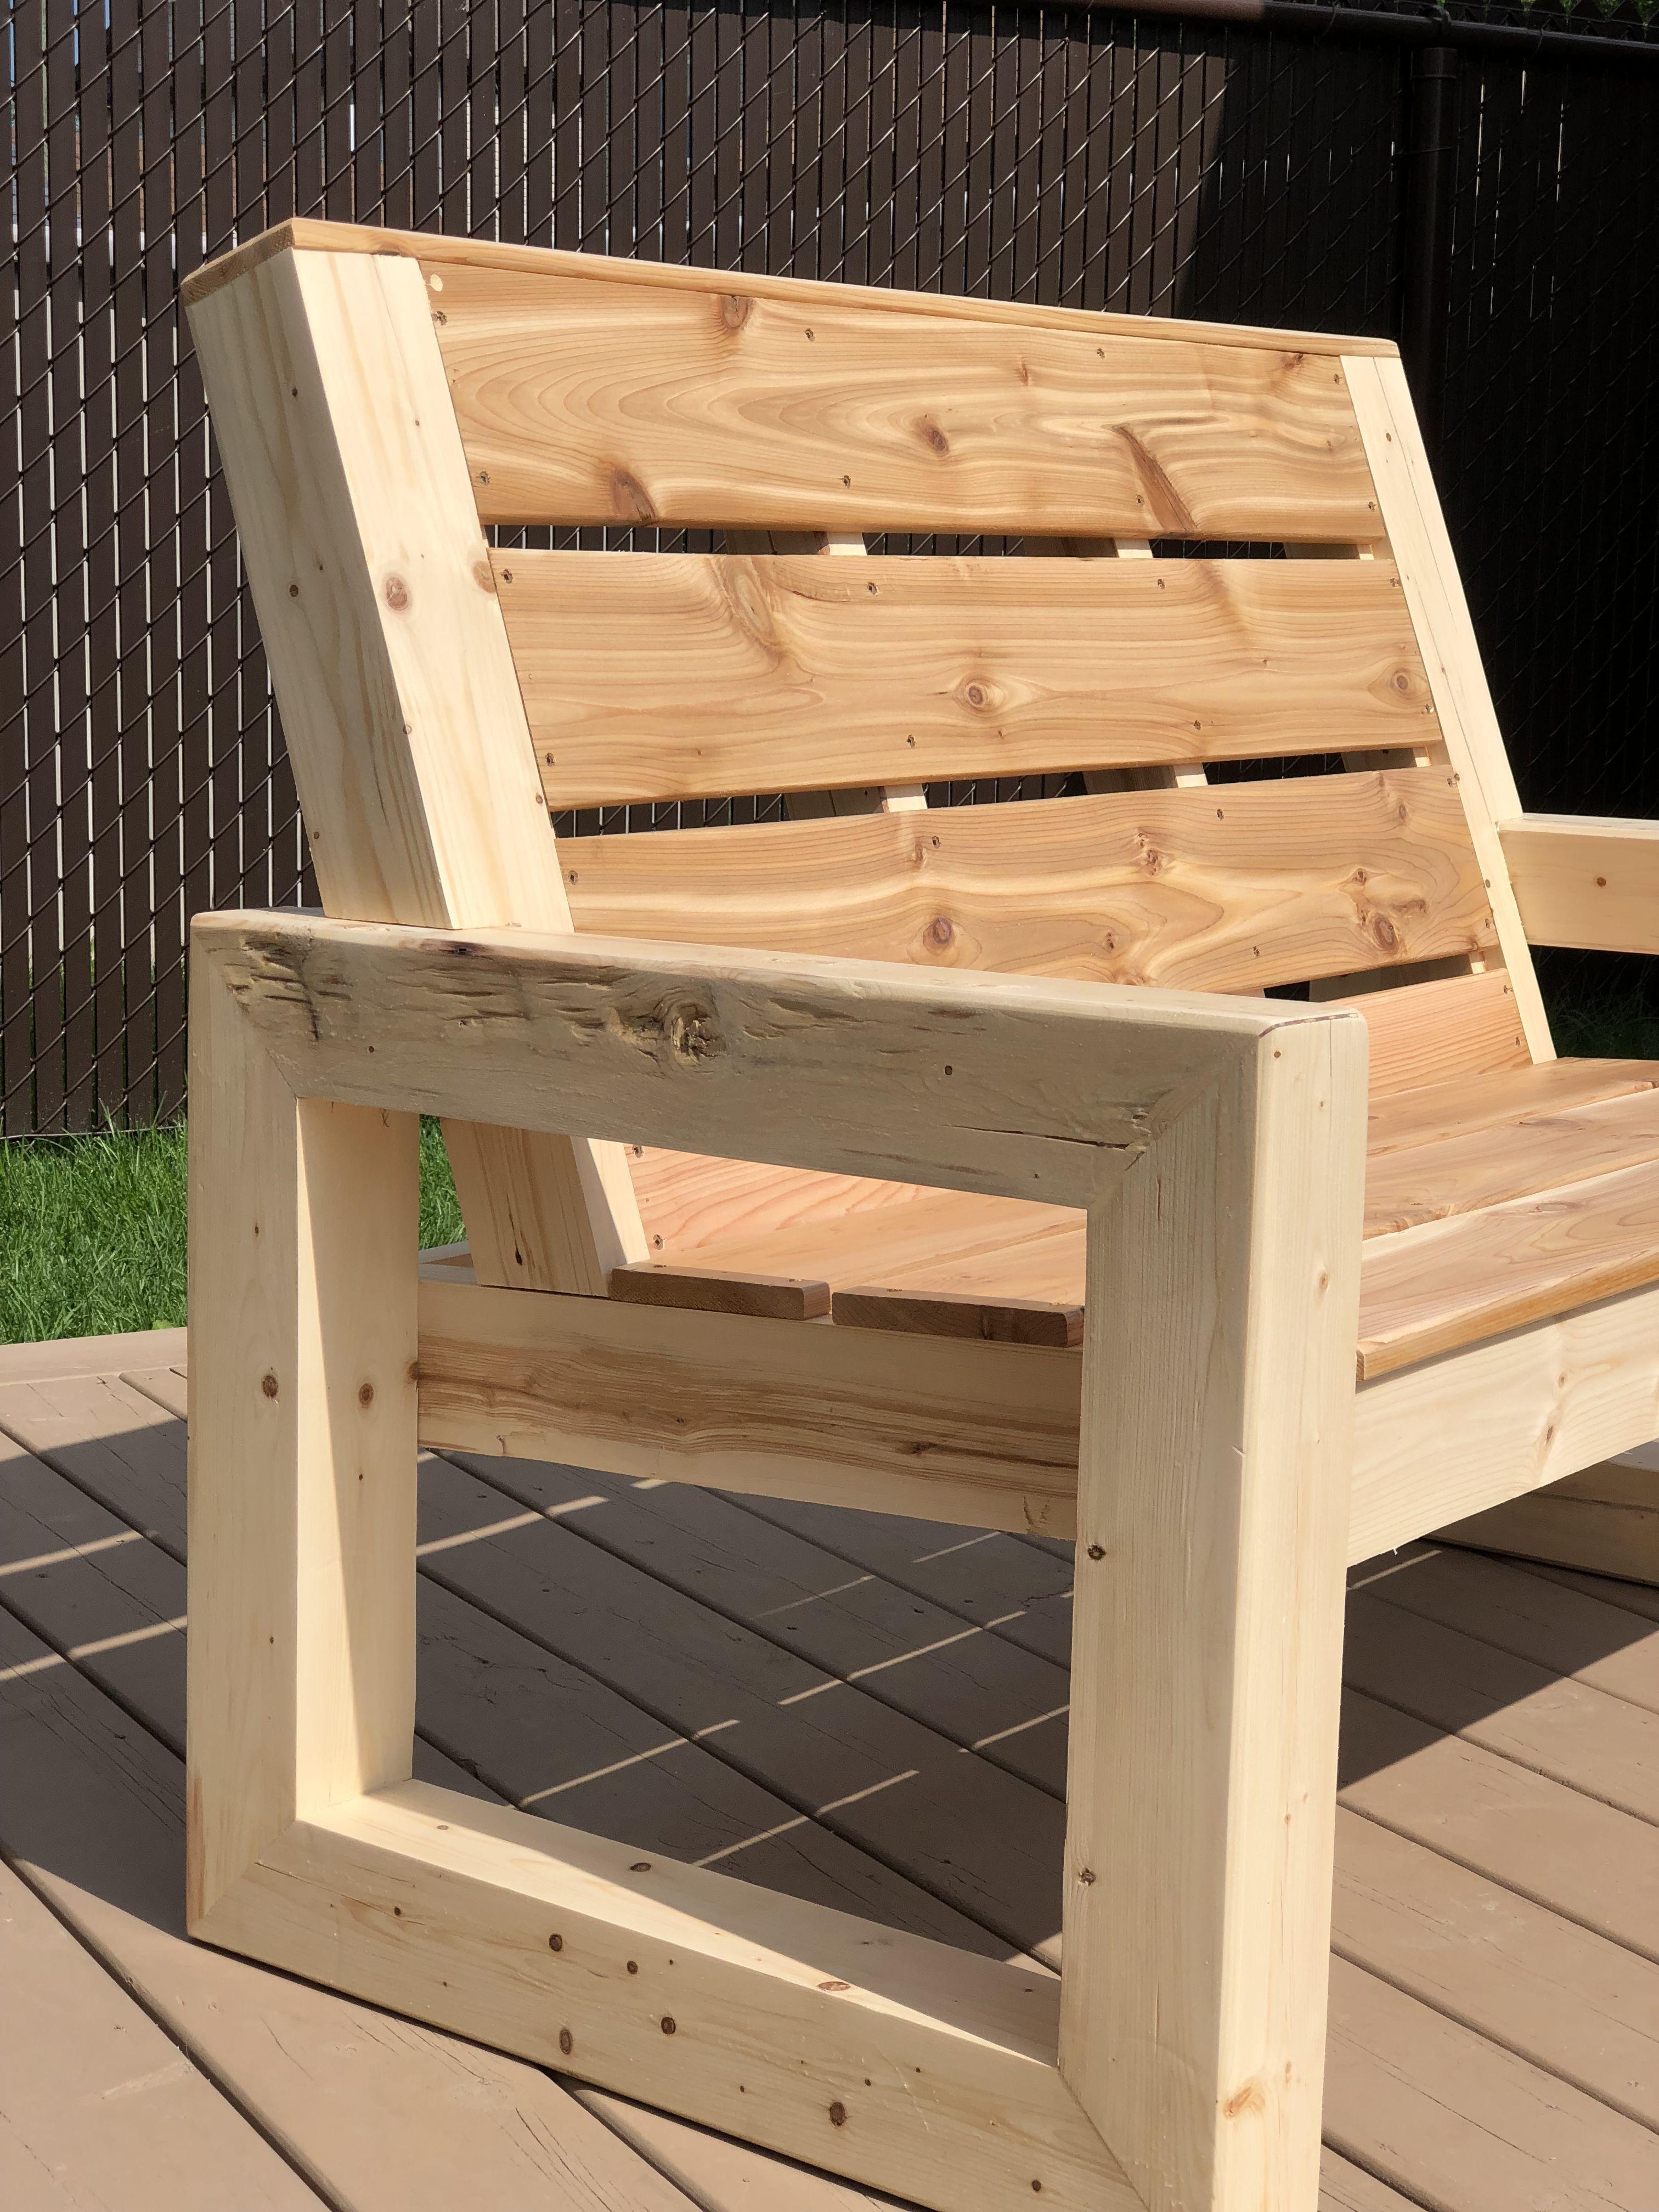 120 Cheap And Easy Rustic Diy Home Decor Sillones Rusticos De Madera Muebles De Jardin De Madera Bancos De Madera Para Jardin